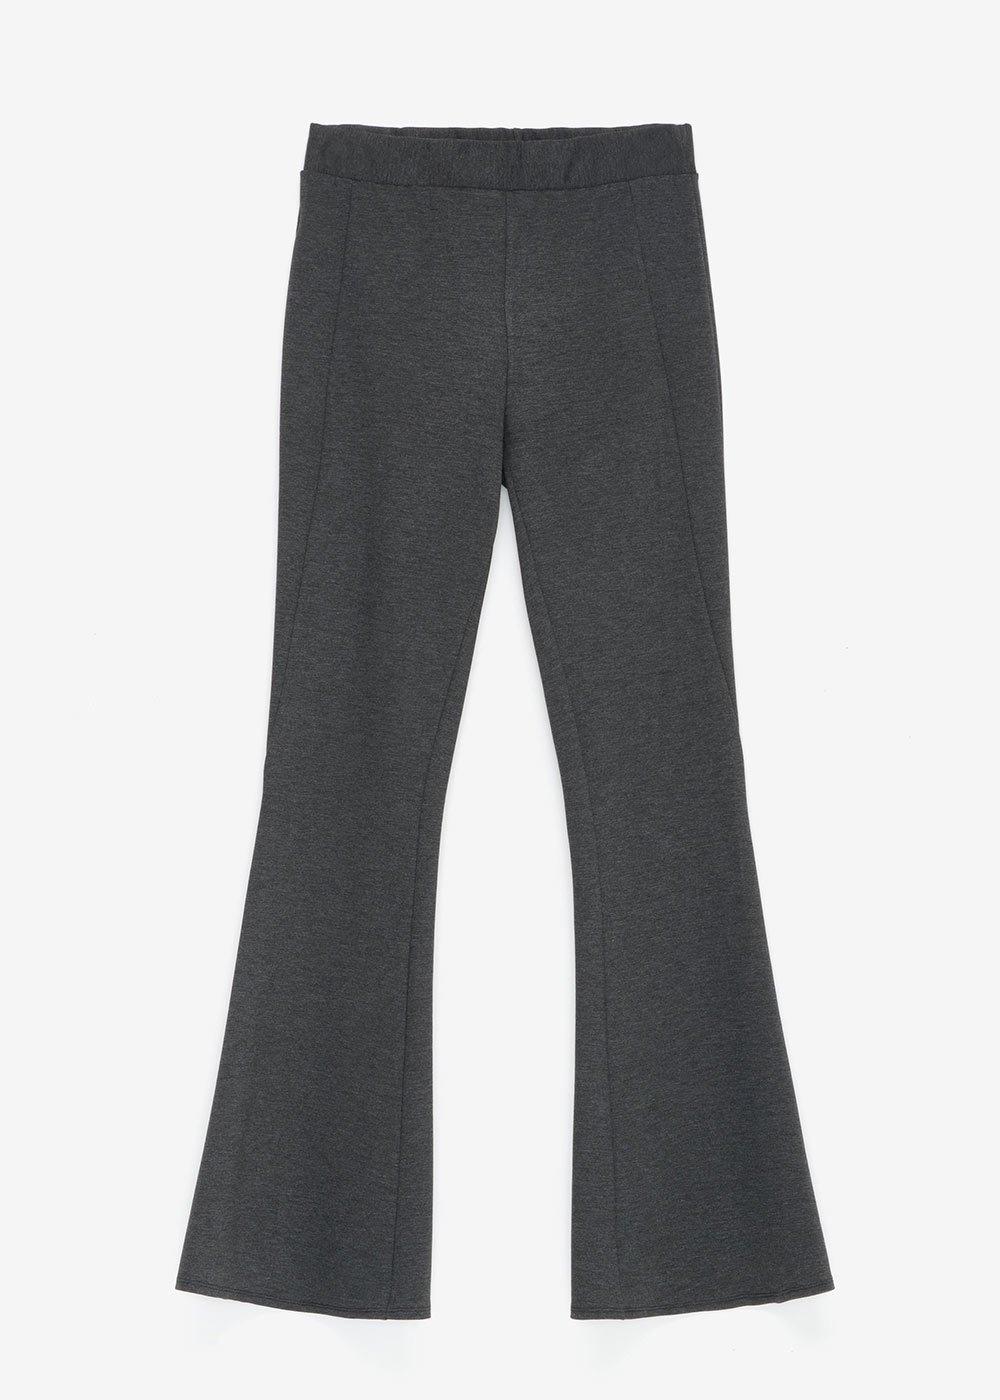 Victoria trousers in Milano stitch - Dark Grey - Woman